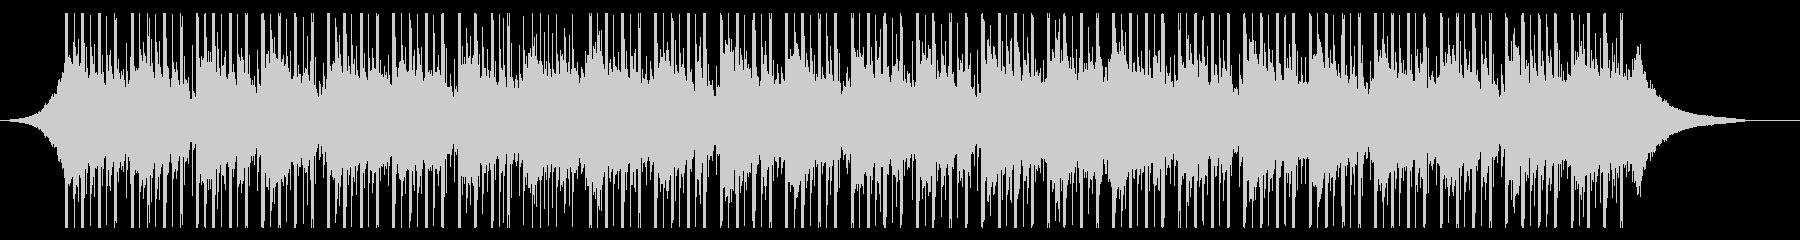 刺激的なインタビュー(60秒)の未再生の波形